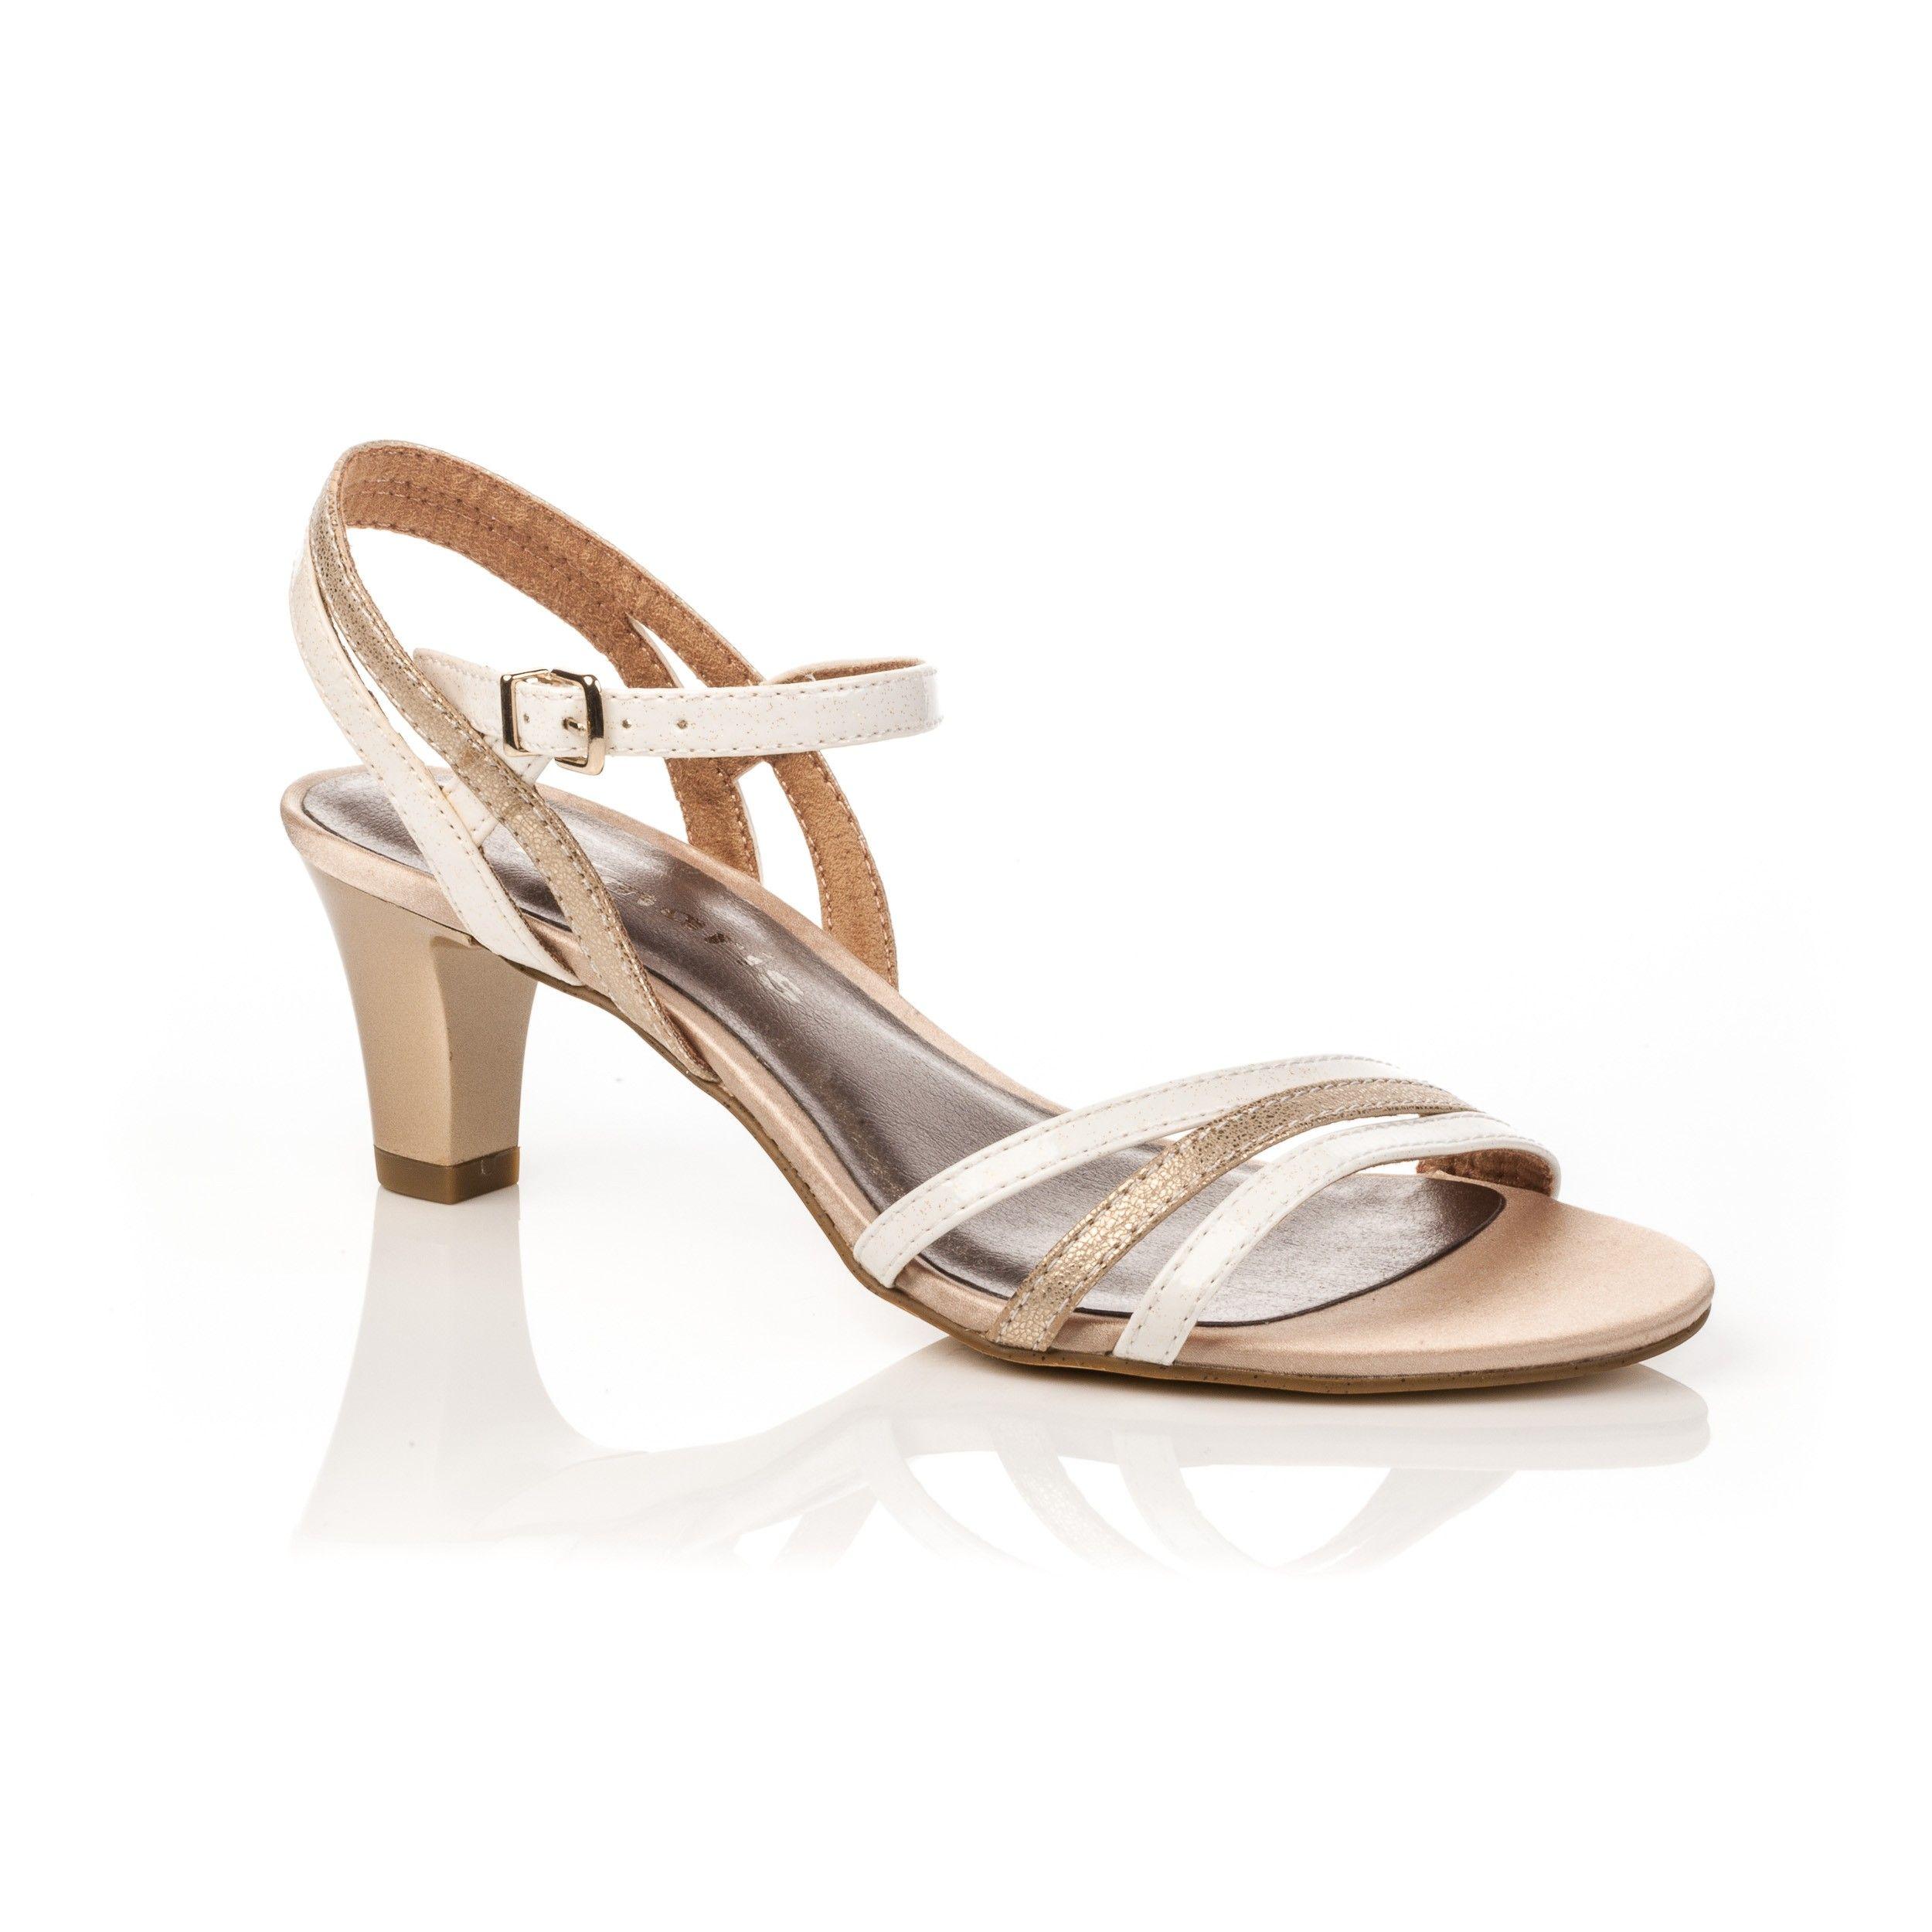 Nu Sandales Mariage Femme Et Pieds MultiTenues ShoesSandals PkOXN0Z8nw